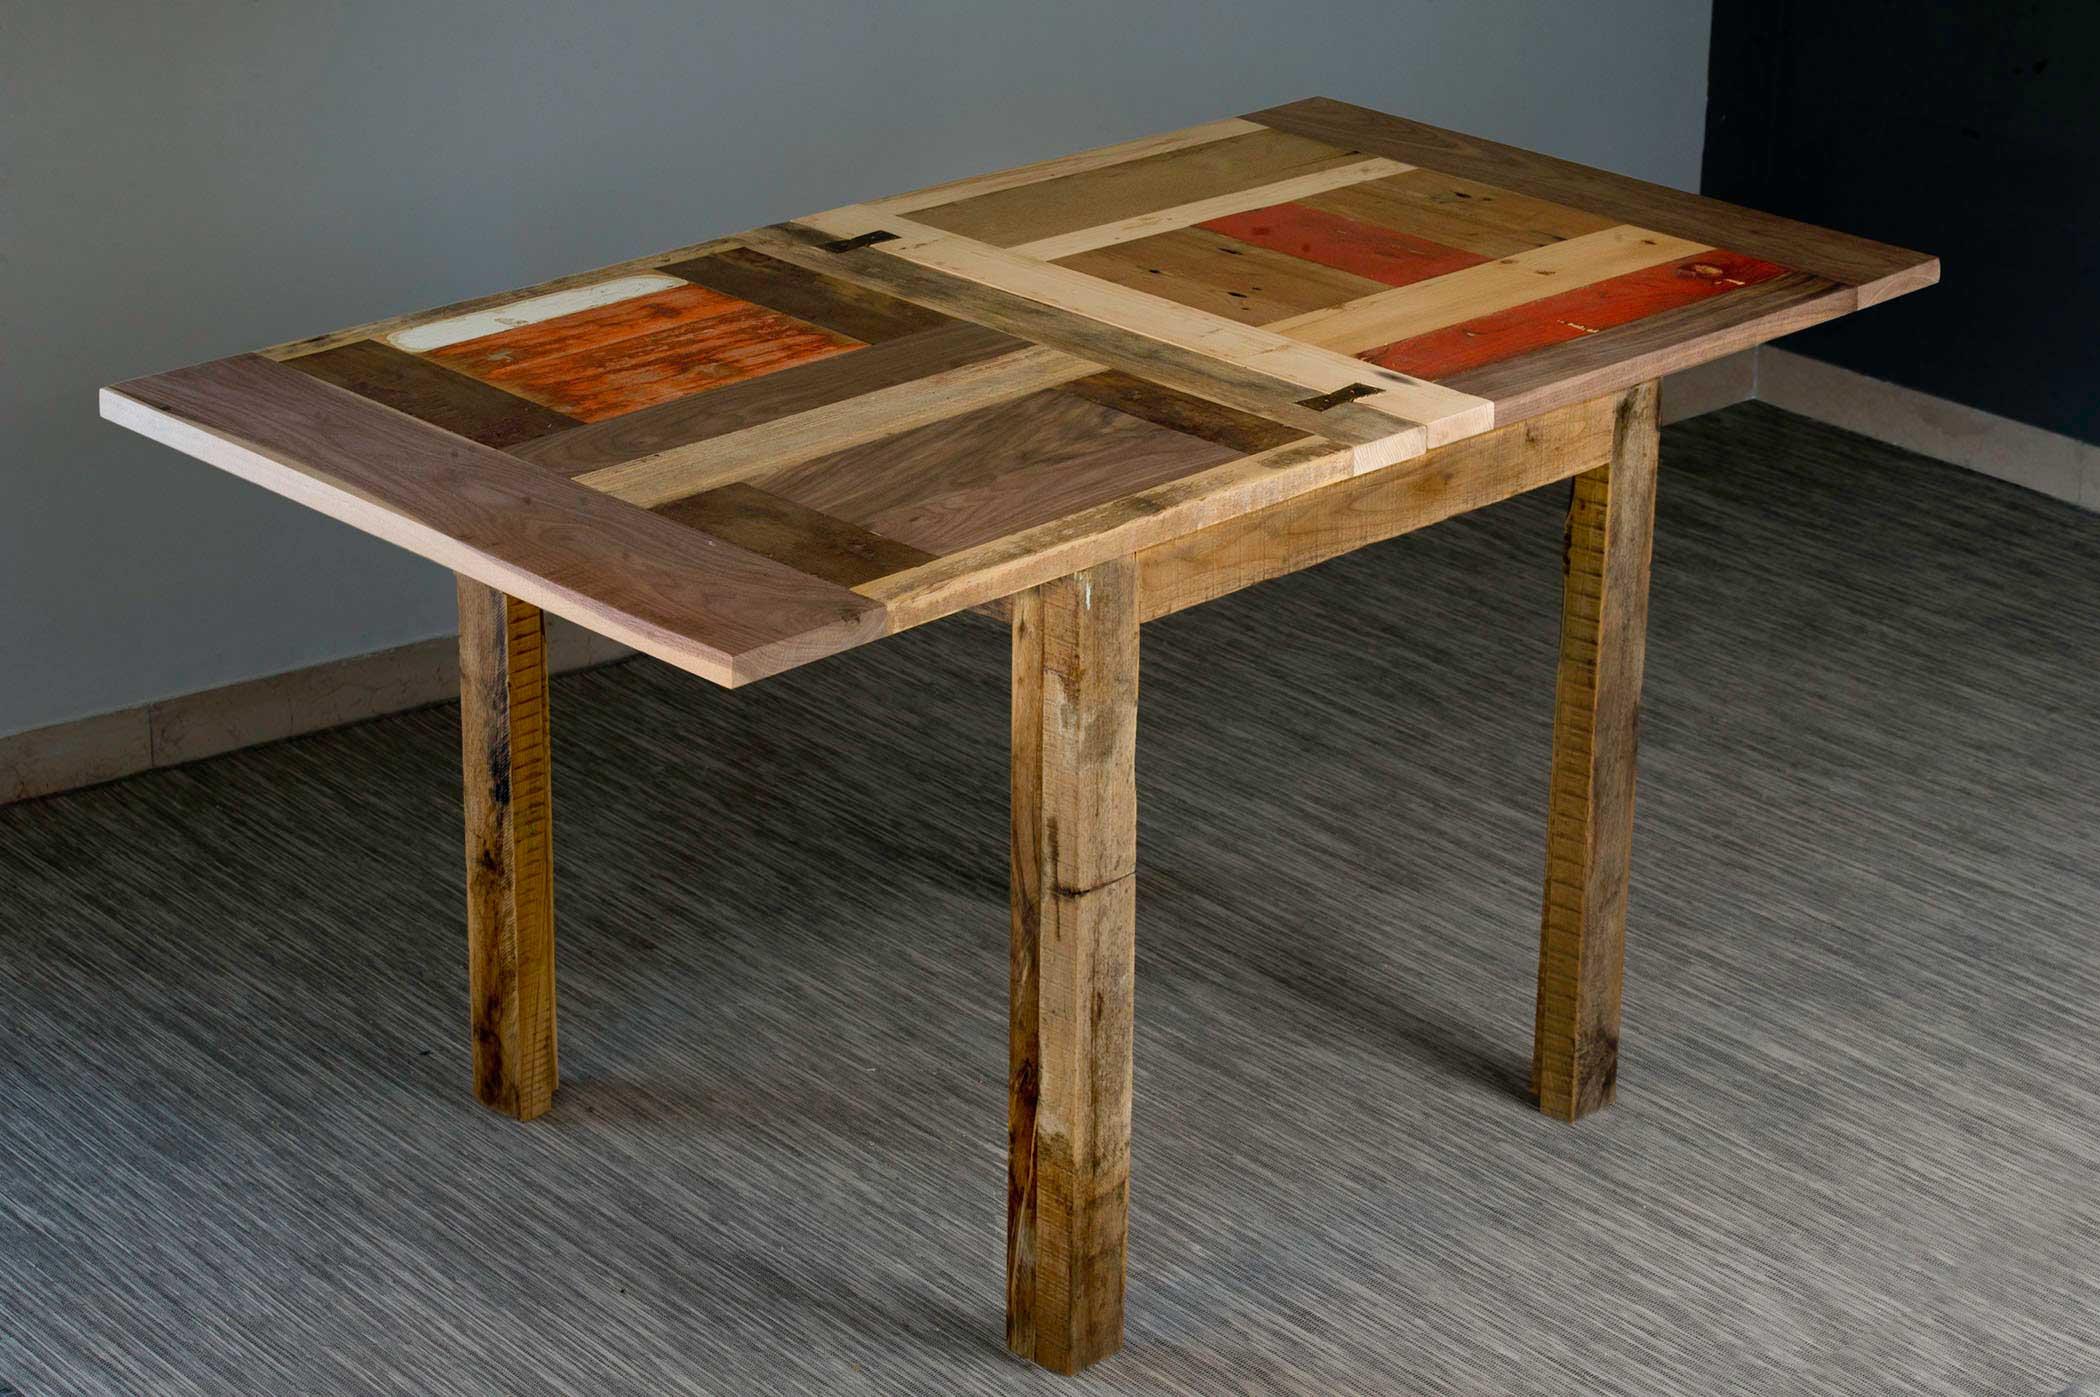 Tavolo allungabile interamente in legno di rovere massello con inserti di legno di recupero colorato. Piano del tavolo doppio e ribaltabile